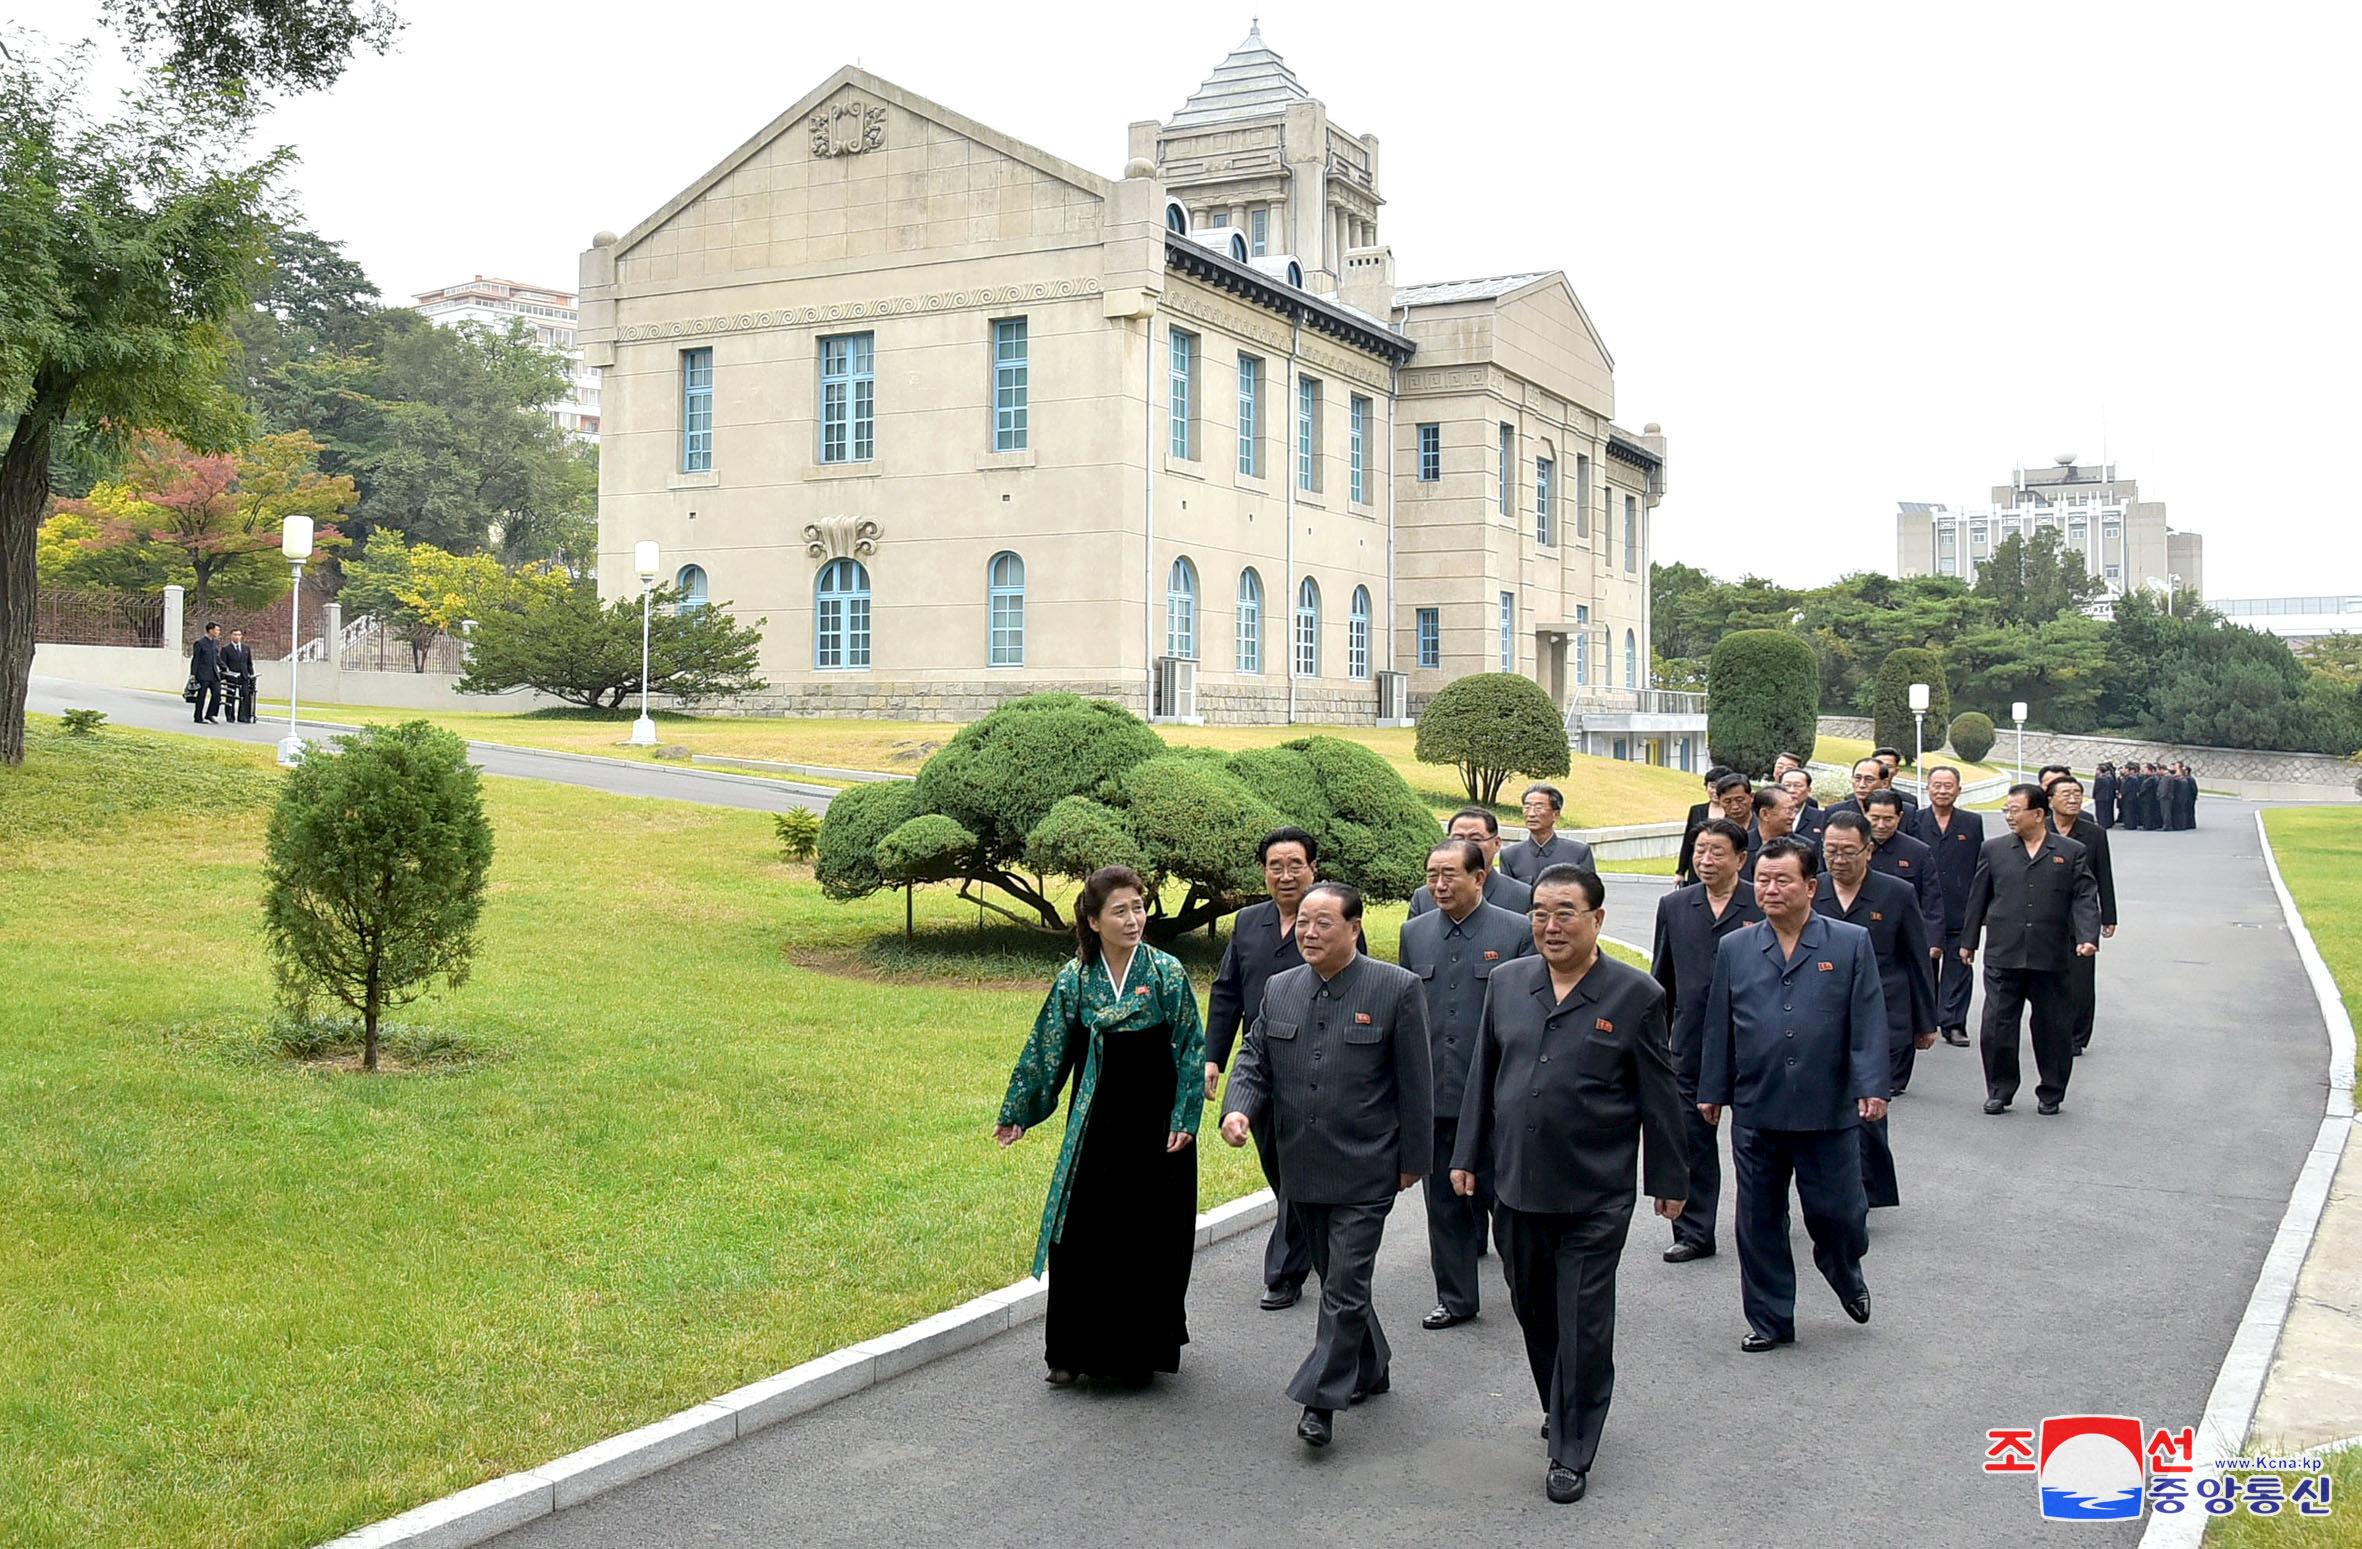 قيادات حزب العمال الكورى فى طريقهم لزيارة متحف الحزب فى ذكرى تأسيسه